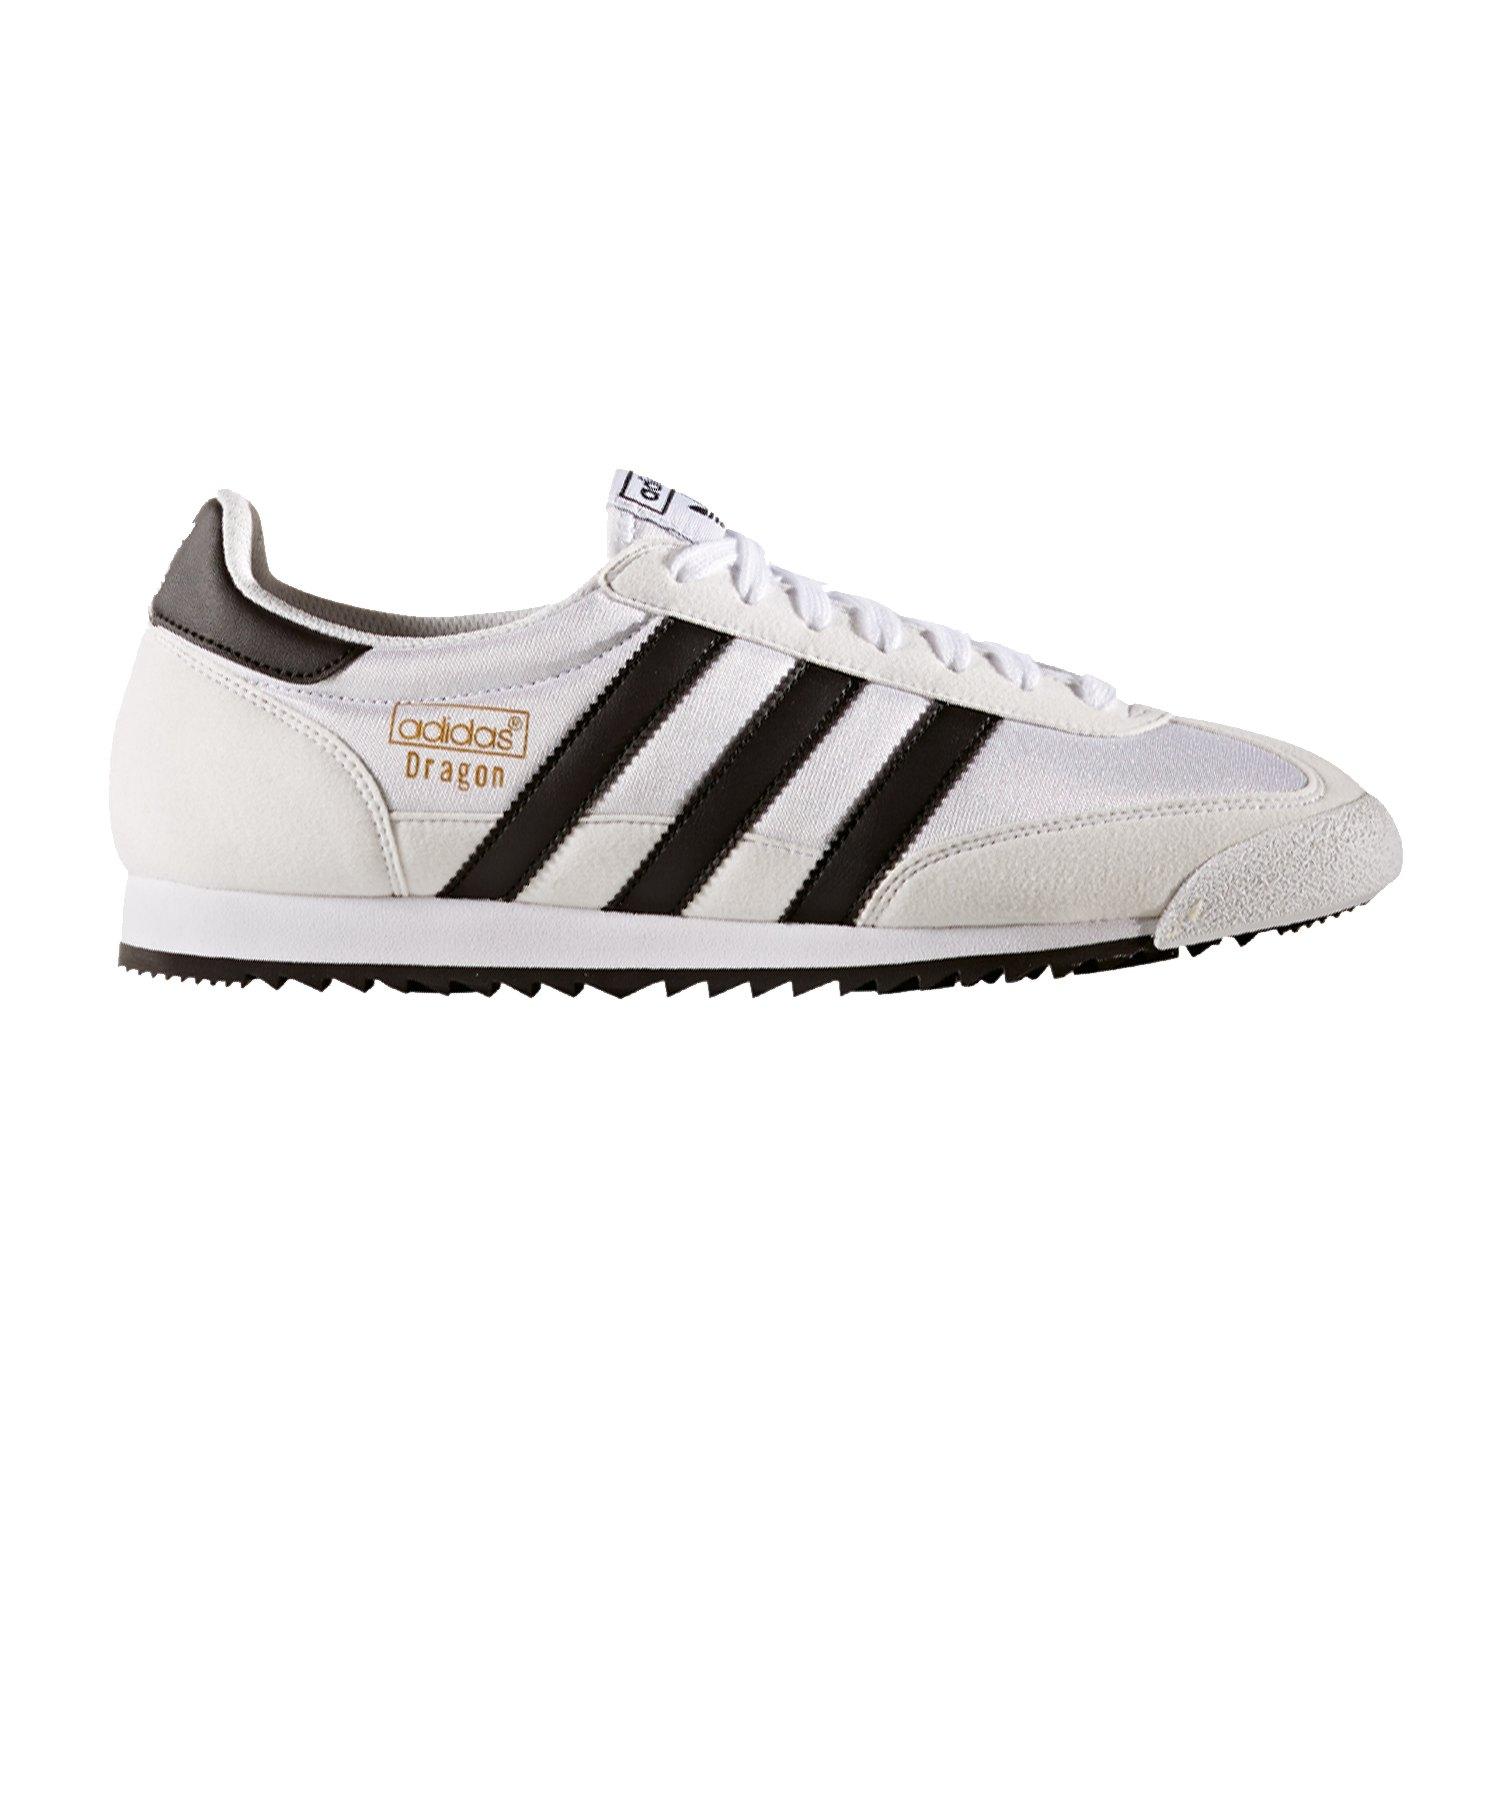 Weiß Dresden Dragon 41 Schuhe Herren Adidas Schwarz Größe